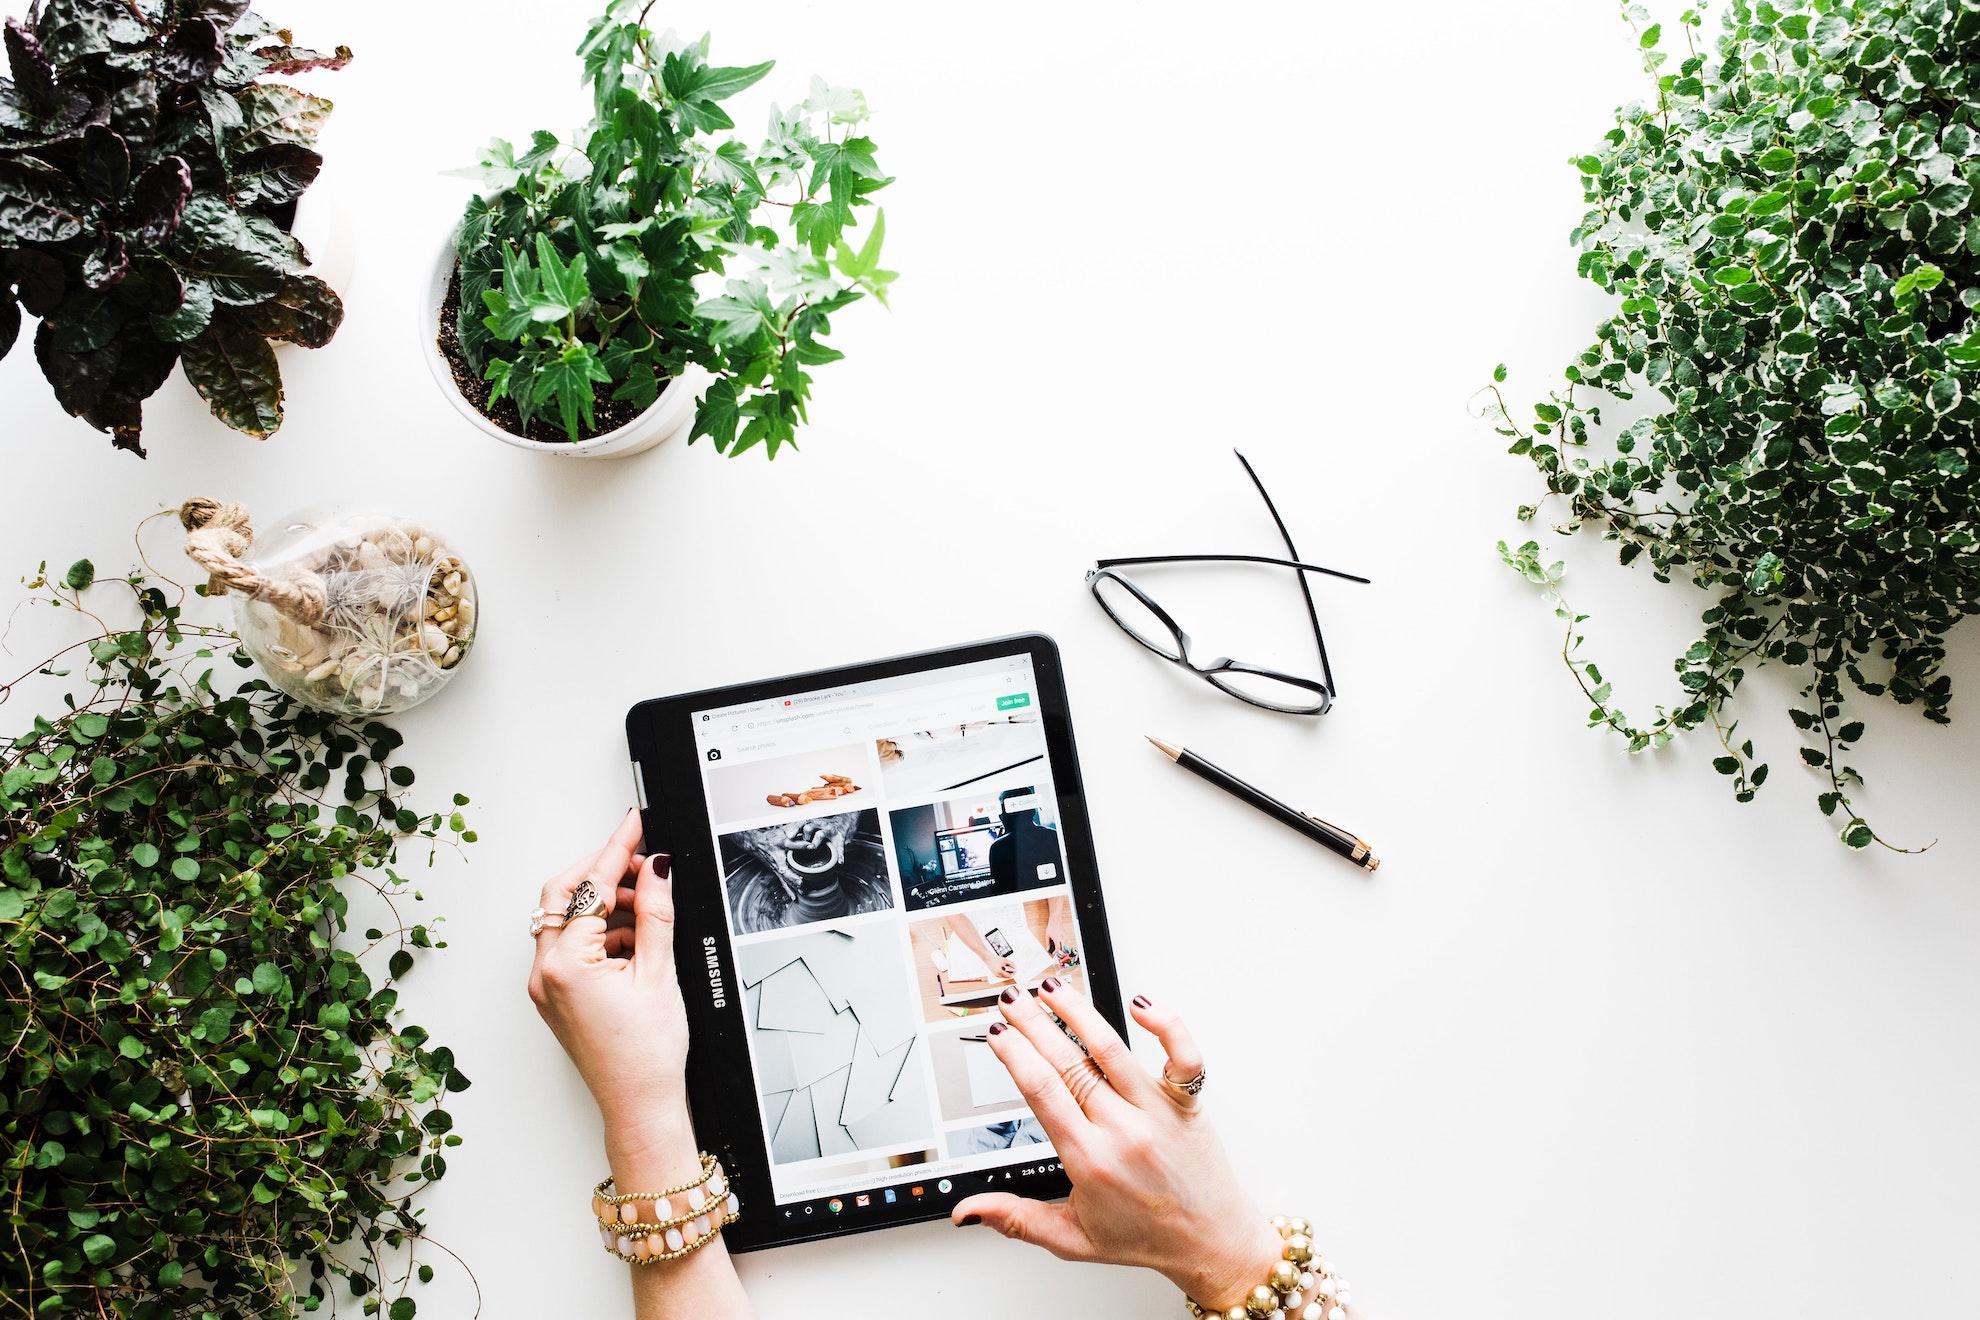 come scegliere un metodo di pagamento per un negozio online